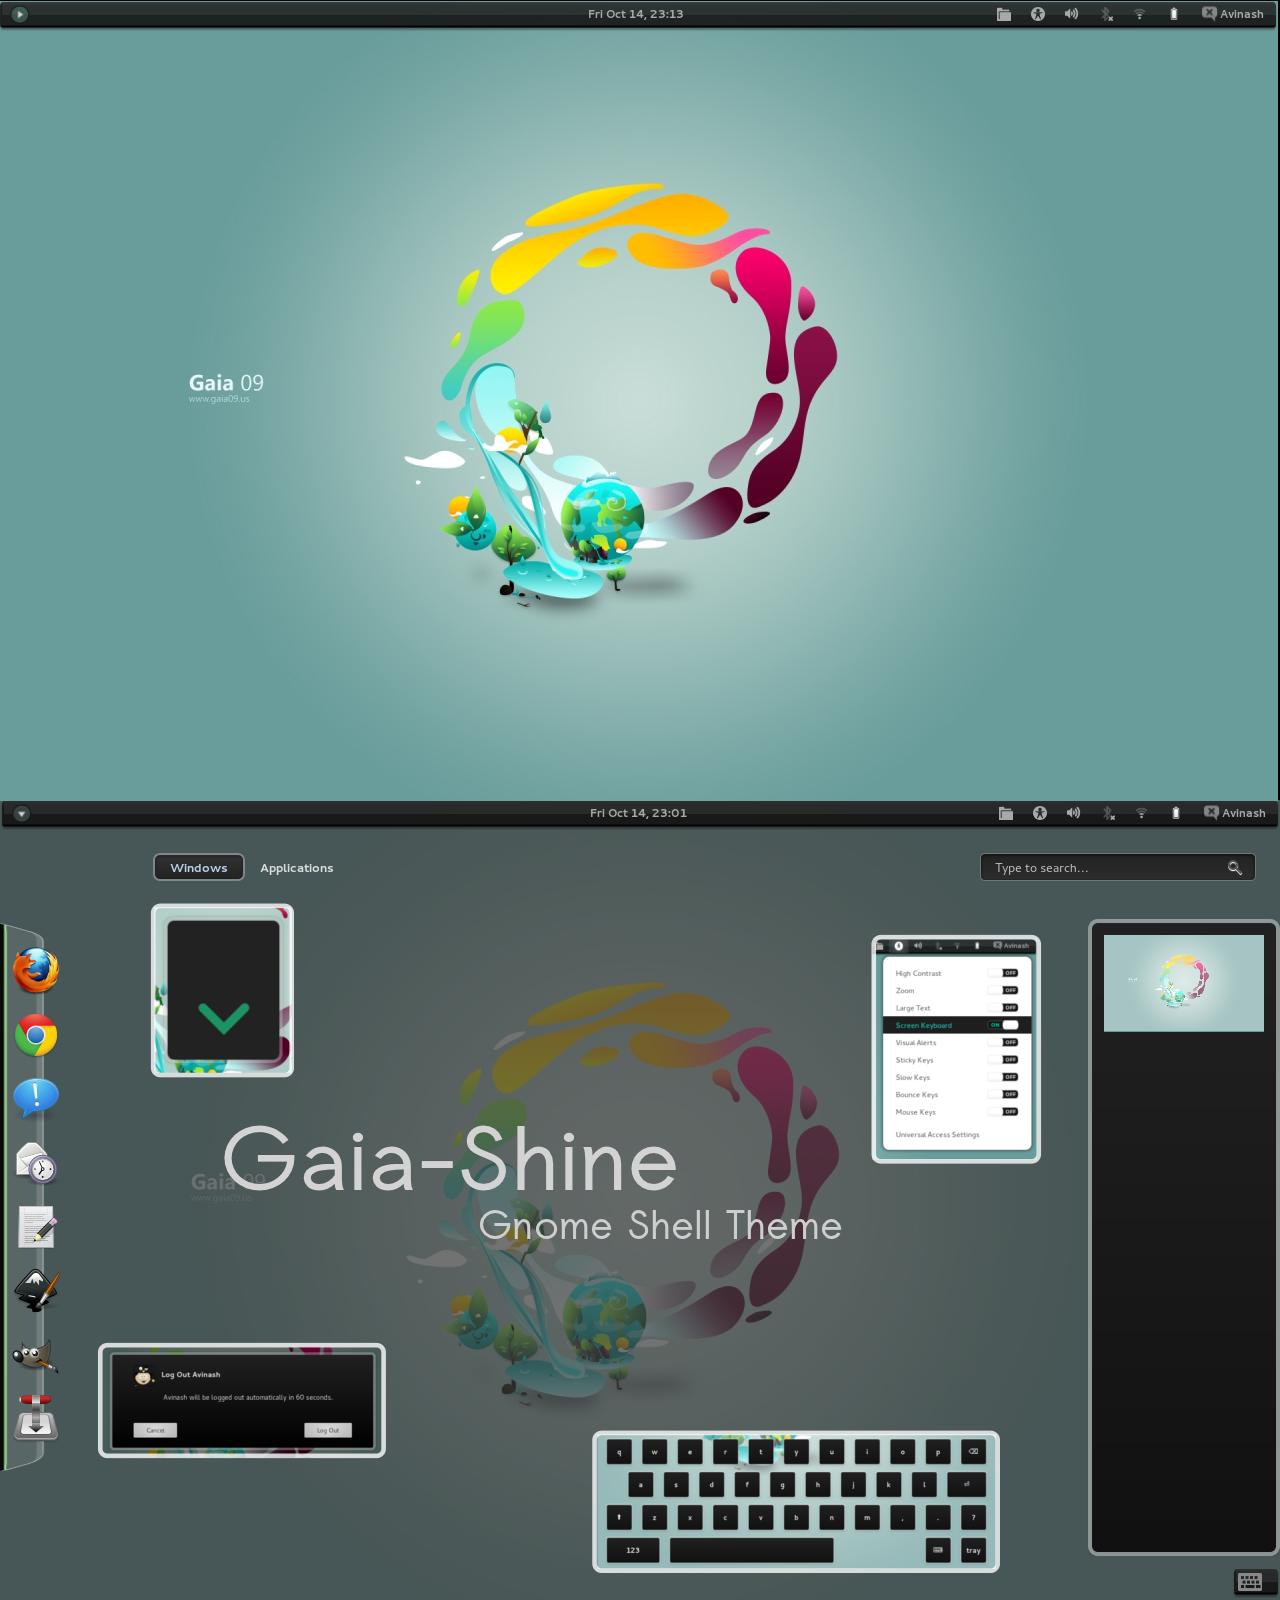 Gaia-shine shell theme